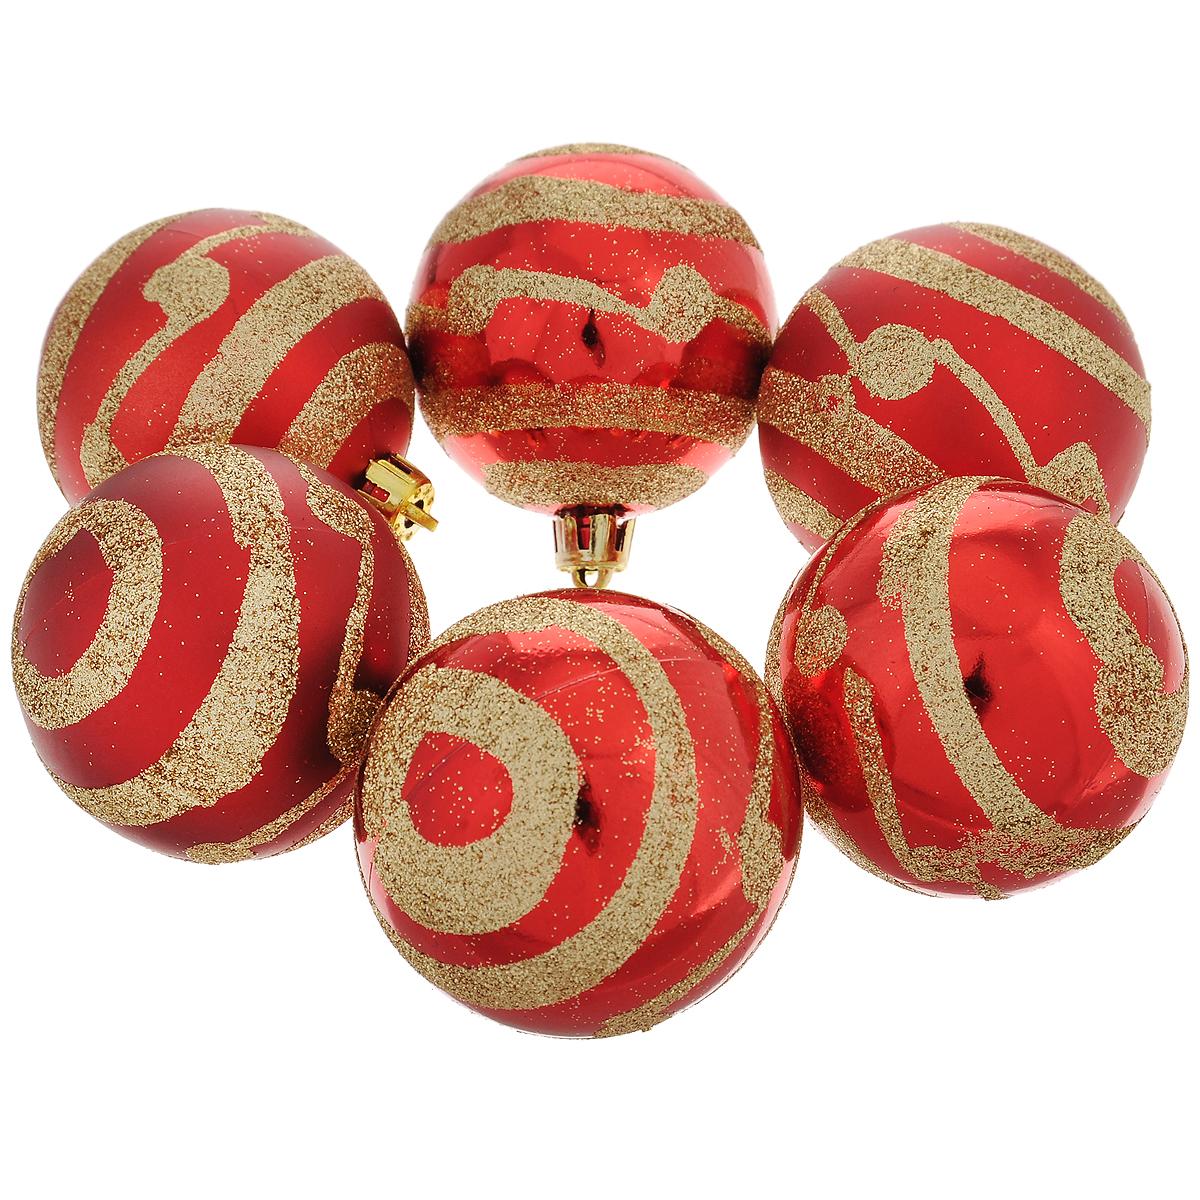 Набор новогодних подвесных украшений Шар, цвет: золотистый, красный, диаметр 6 см, 6 шт. 3549735497Набор новогодних подвесных украшений Шар прекрасно подойдет для праздничного декора новогодней ели. Состоит из шести шаров. Елочная игрушка - символ Нового года. Она несет в себе волшебство и красоту праздника. Создайте в своем доме атмосферу веселья и радости, украшая новогоднюю елку нарядными игрушками, которые будут из года в год накапливать теплоту воспоминаний. Коллекция декоративных украшений принесет в ваш дом ни с чем несравнимое ощущение волшебства! Откройте для себя удивительный мир сказок и грез. Почувствуйте волшебные минуты ожидания праздника, создайте новогоднее настроение вашим дорогим и близким.